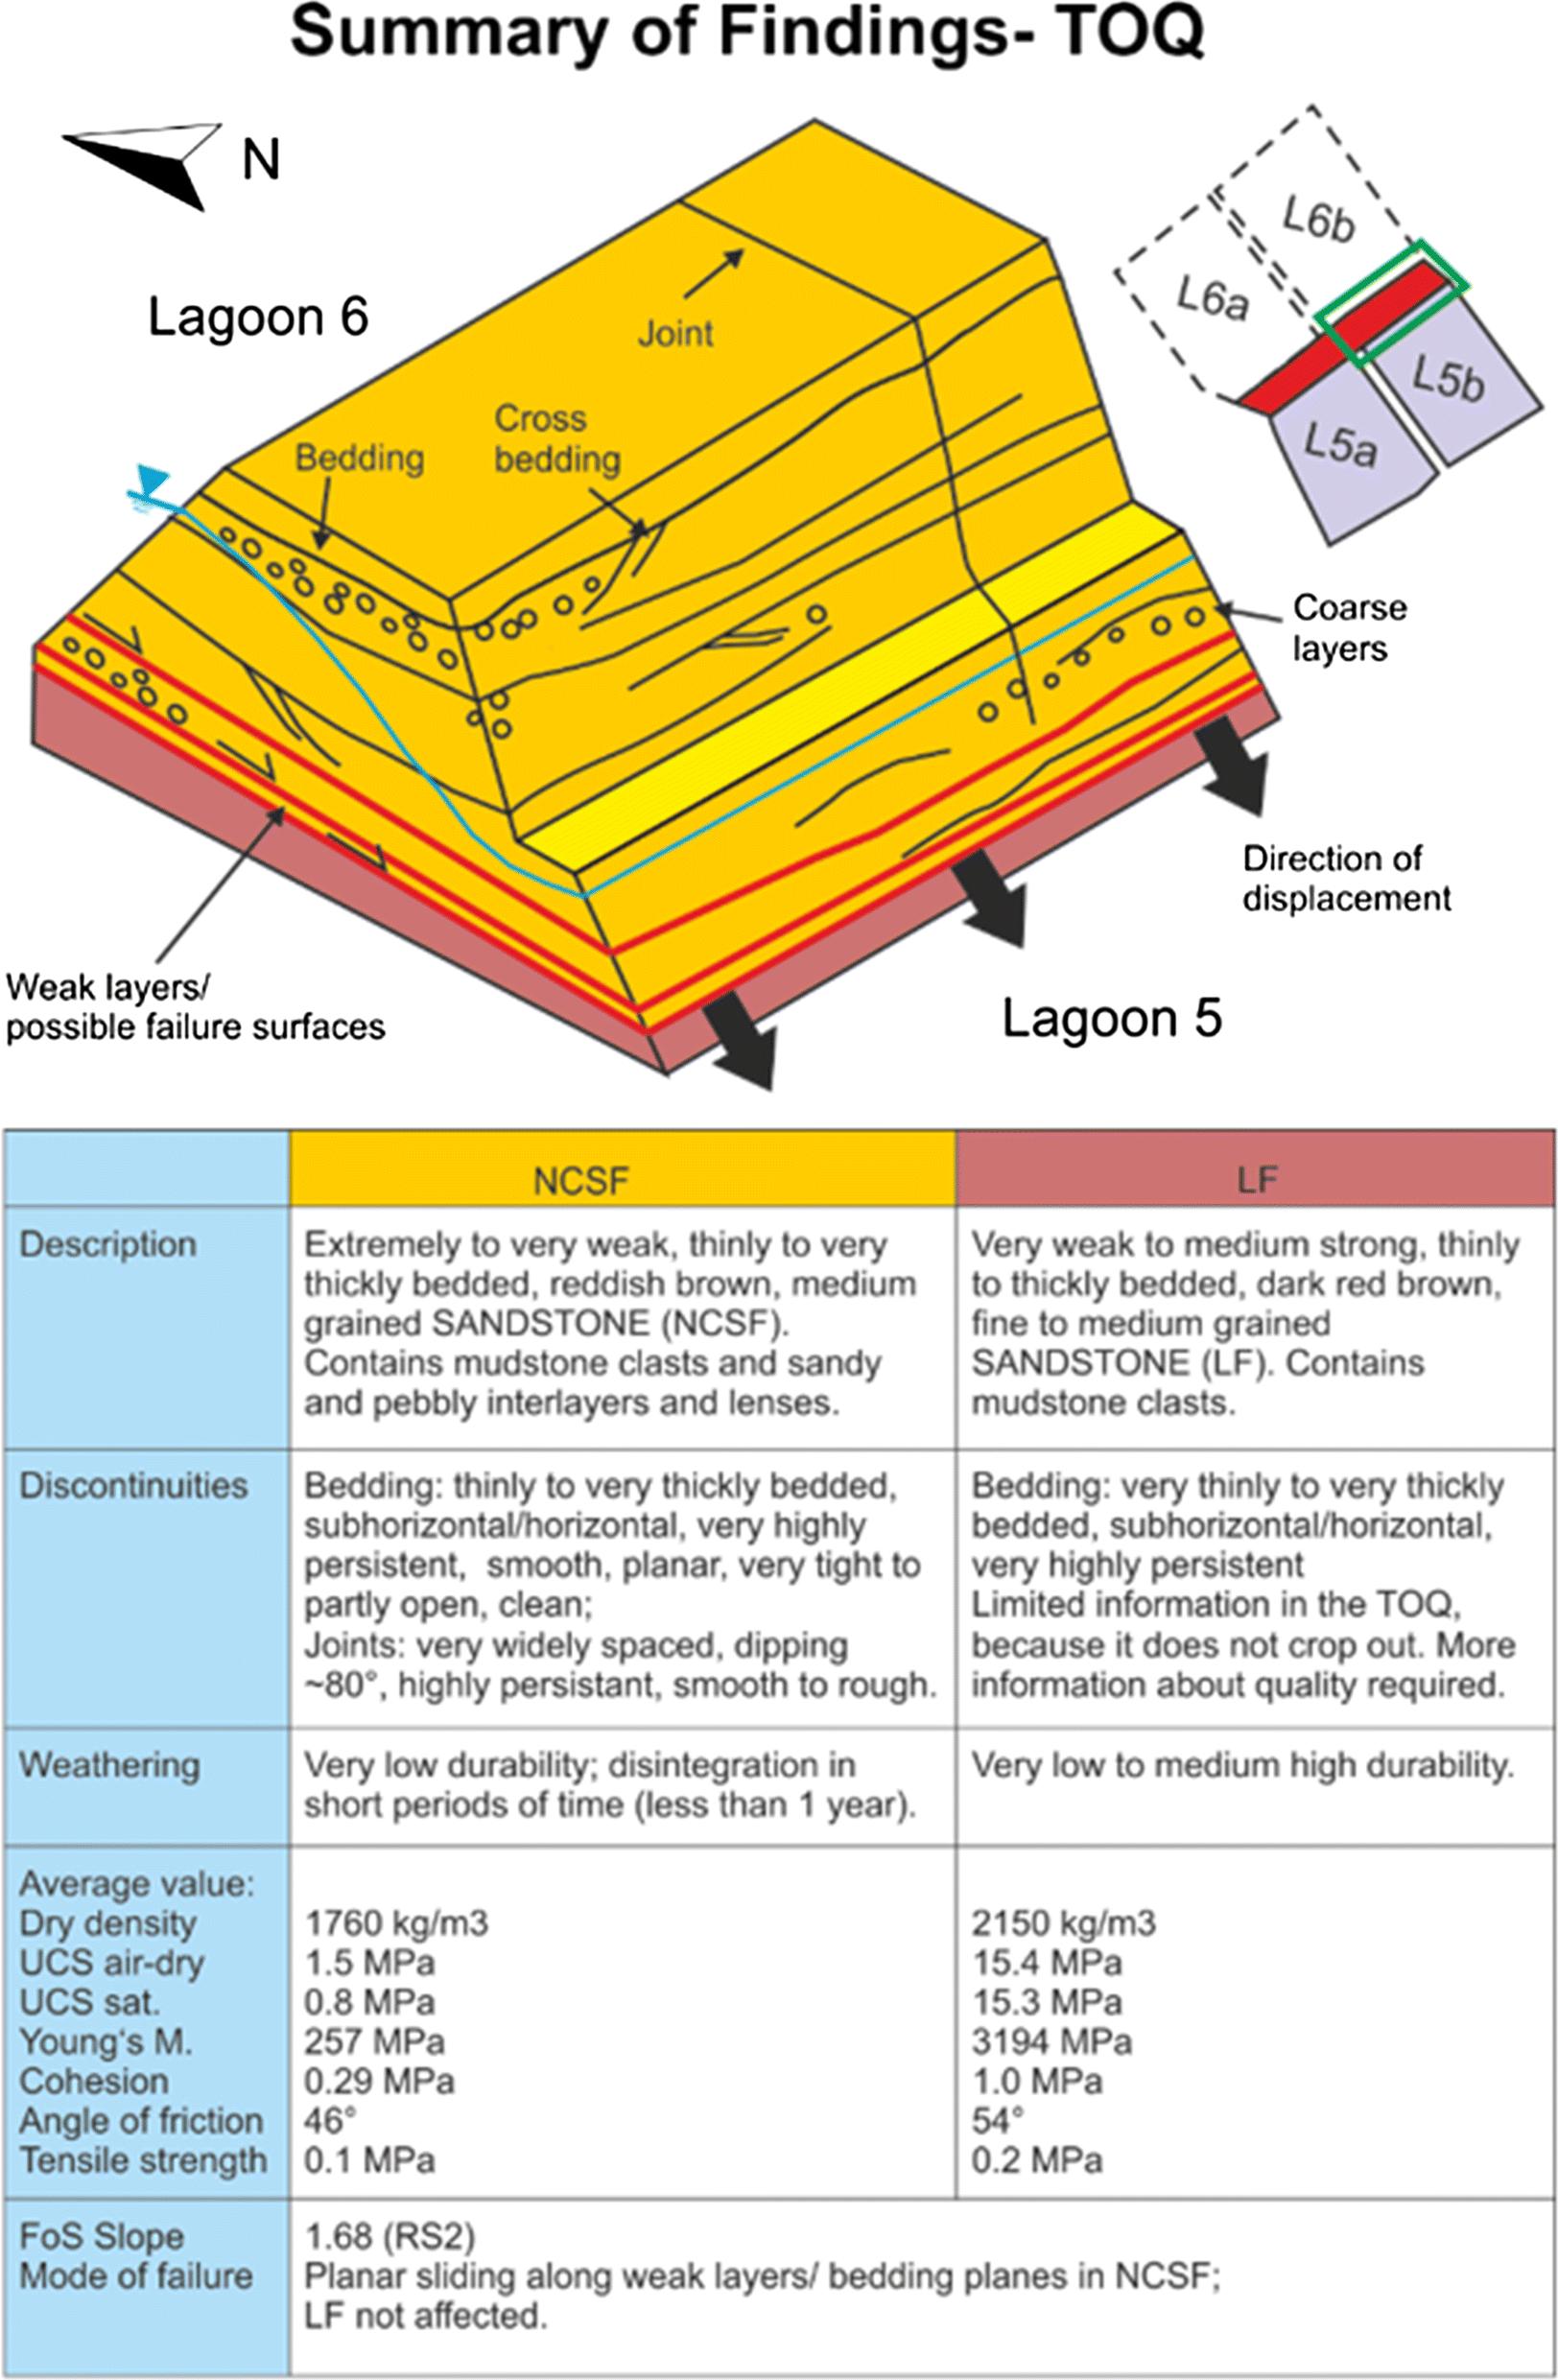 Implications on Characterizing the Extremely Weak Sherwood Sandstone